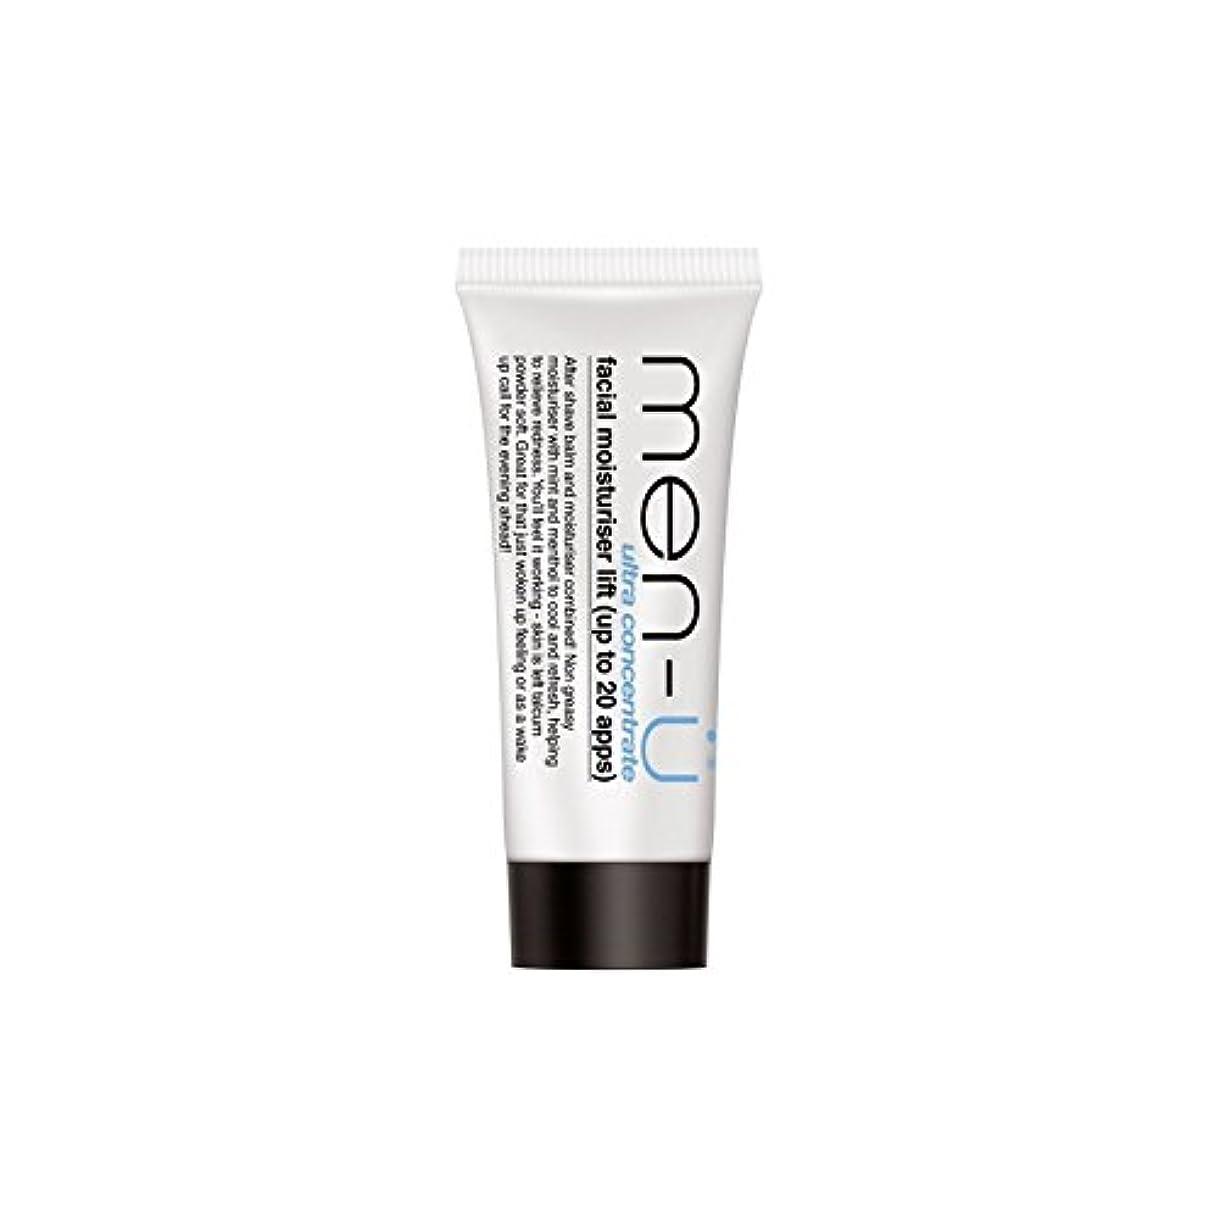 ずらす項目コレクションMen-? Buddy Facial Moisturiser Lift Tube (15ml) - 男性-のバディ顔の保湿剤のリフトチューブ(15ミリリットル) [並行輸入品]